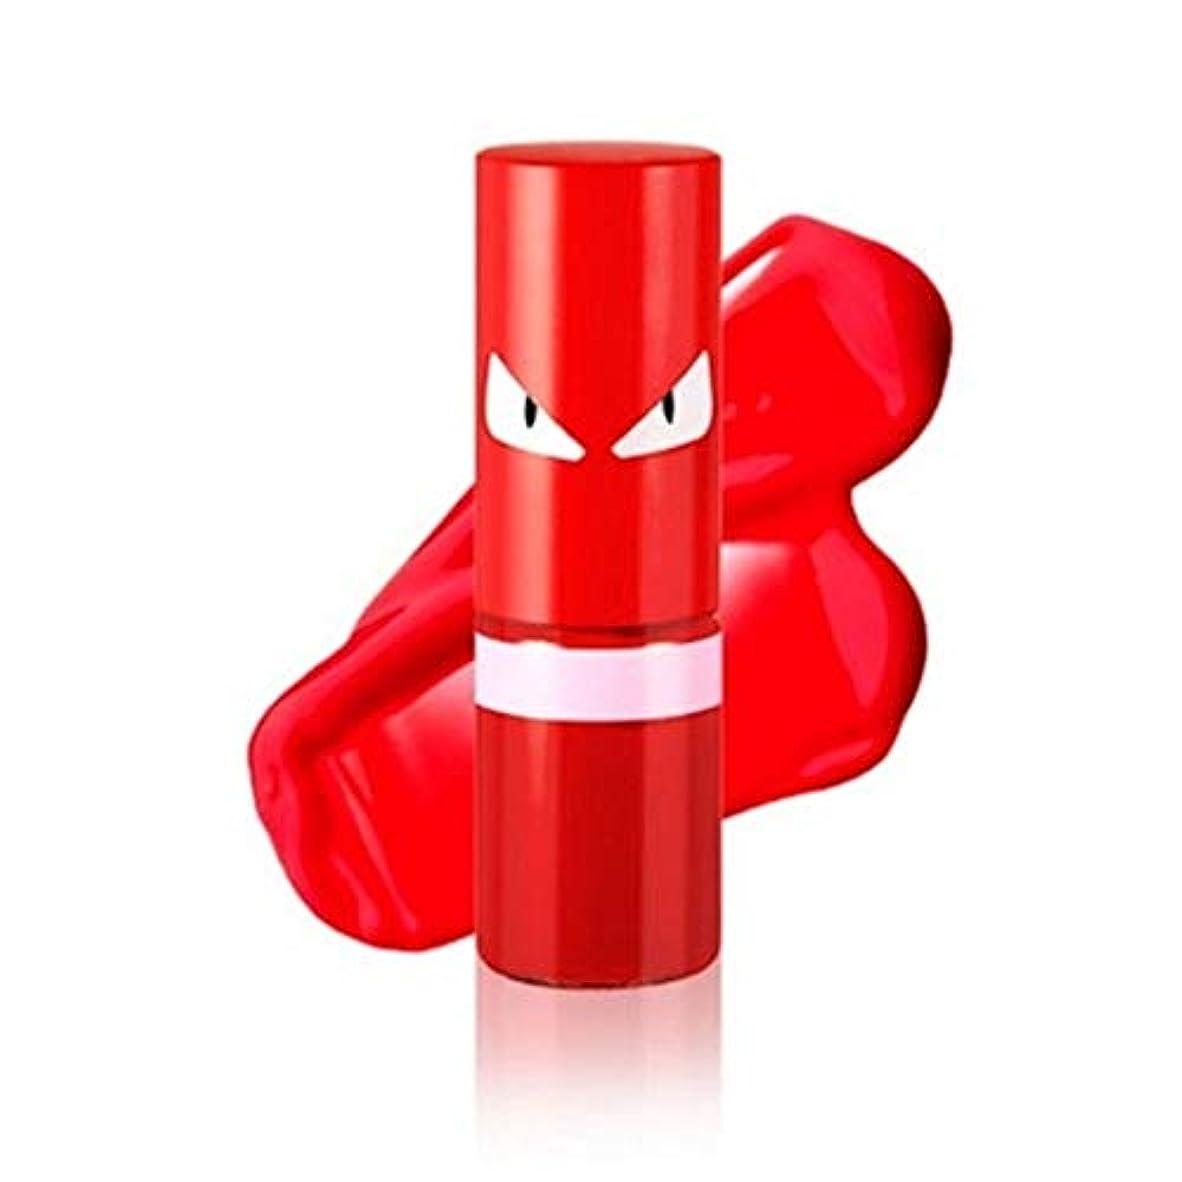 地域読みやすい郵便屋さん[ HOTMI ] ホットミー リッププランパー (リップポンプ) 激辛レッド 7g Korea cosmetic (spicy lip pump extra strong red 7g)